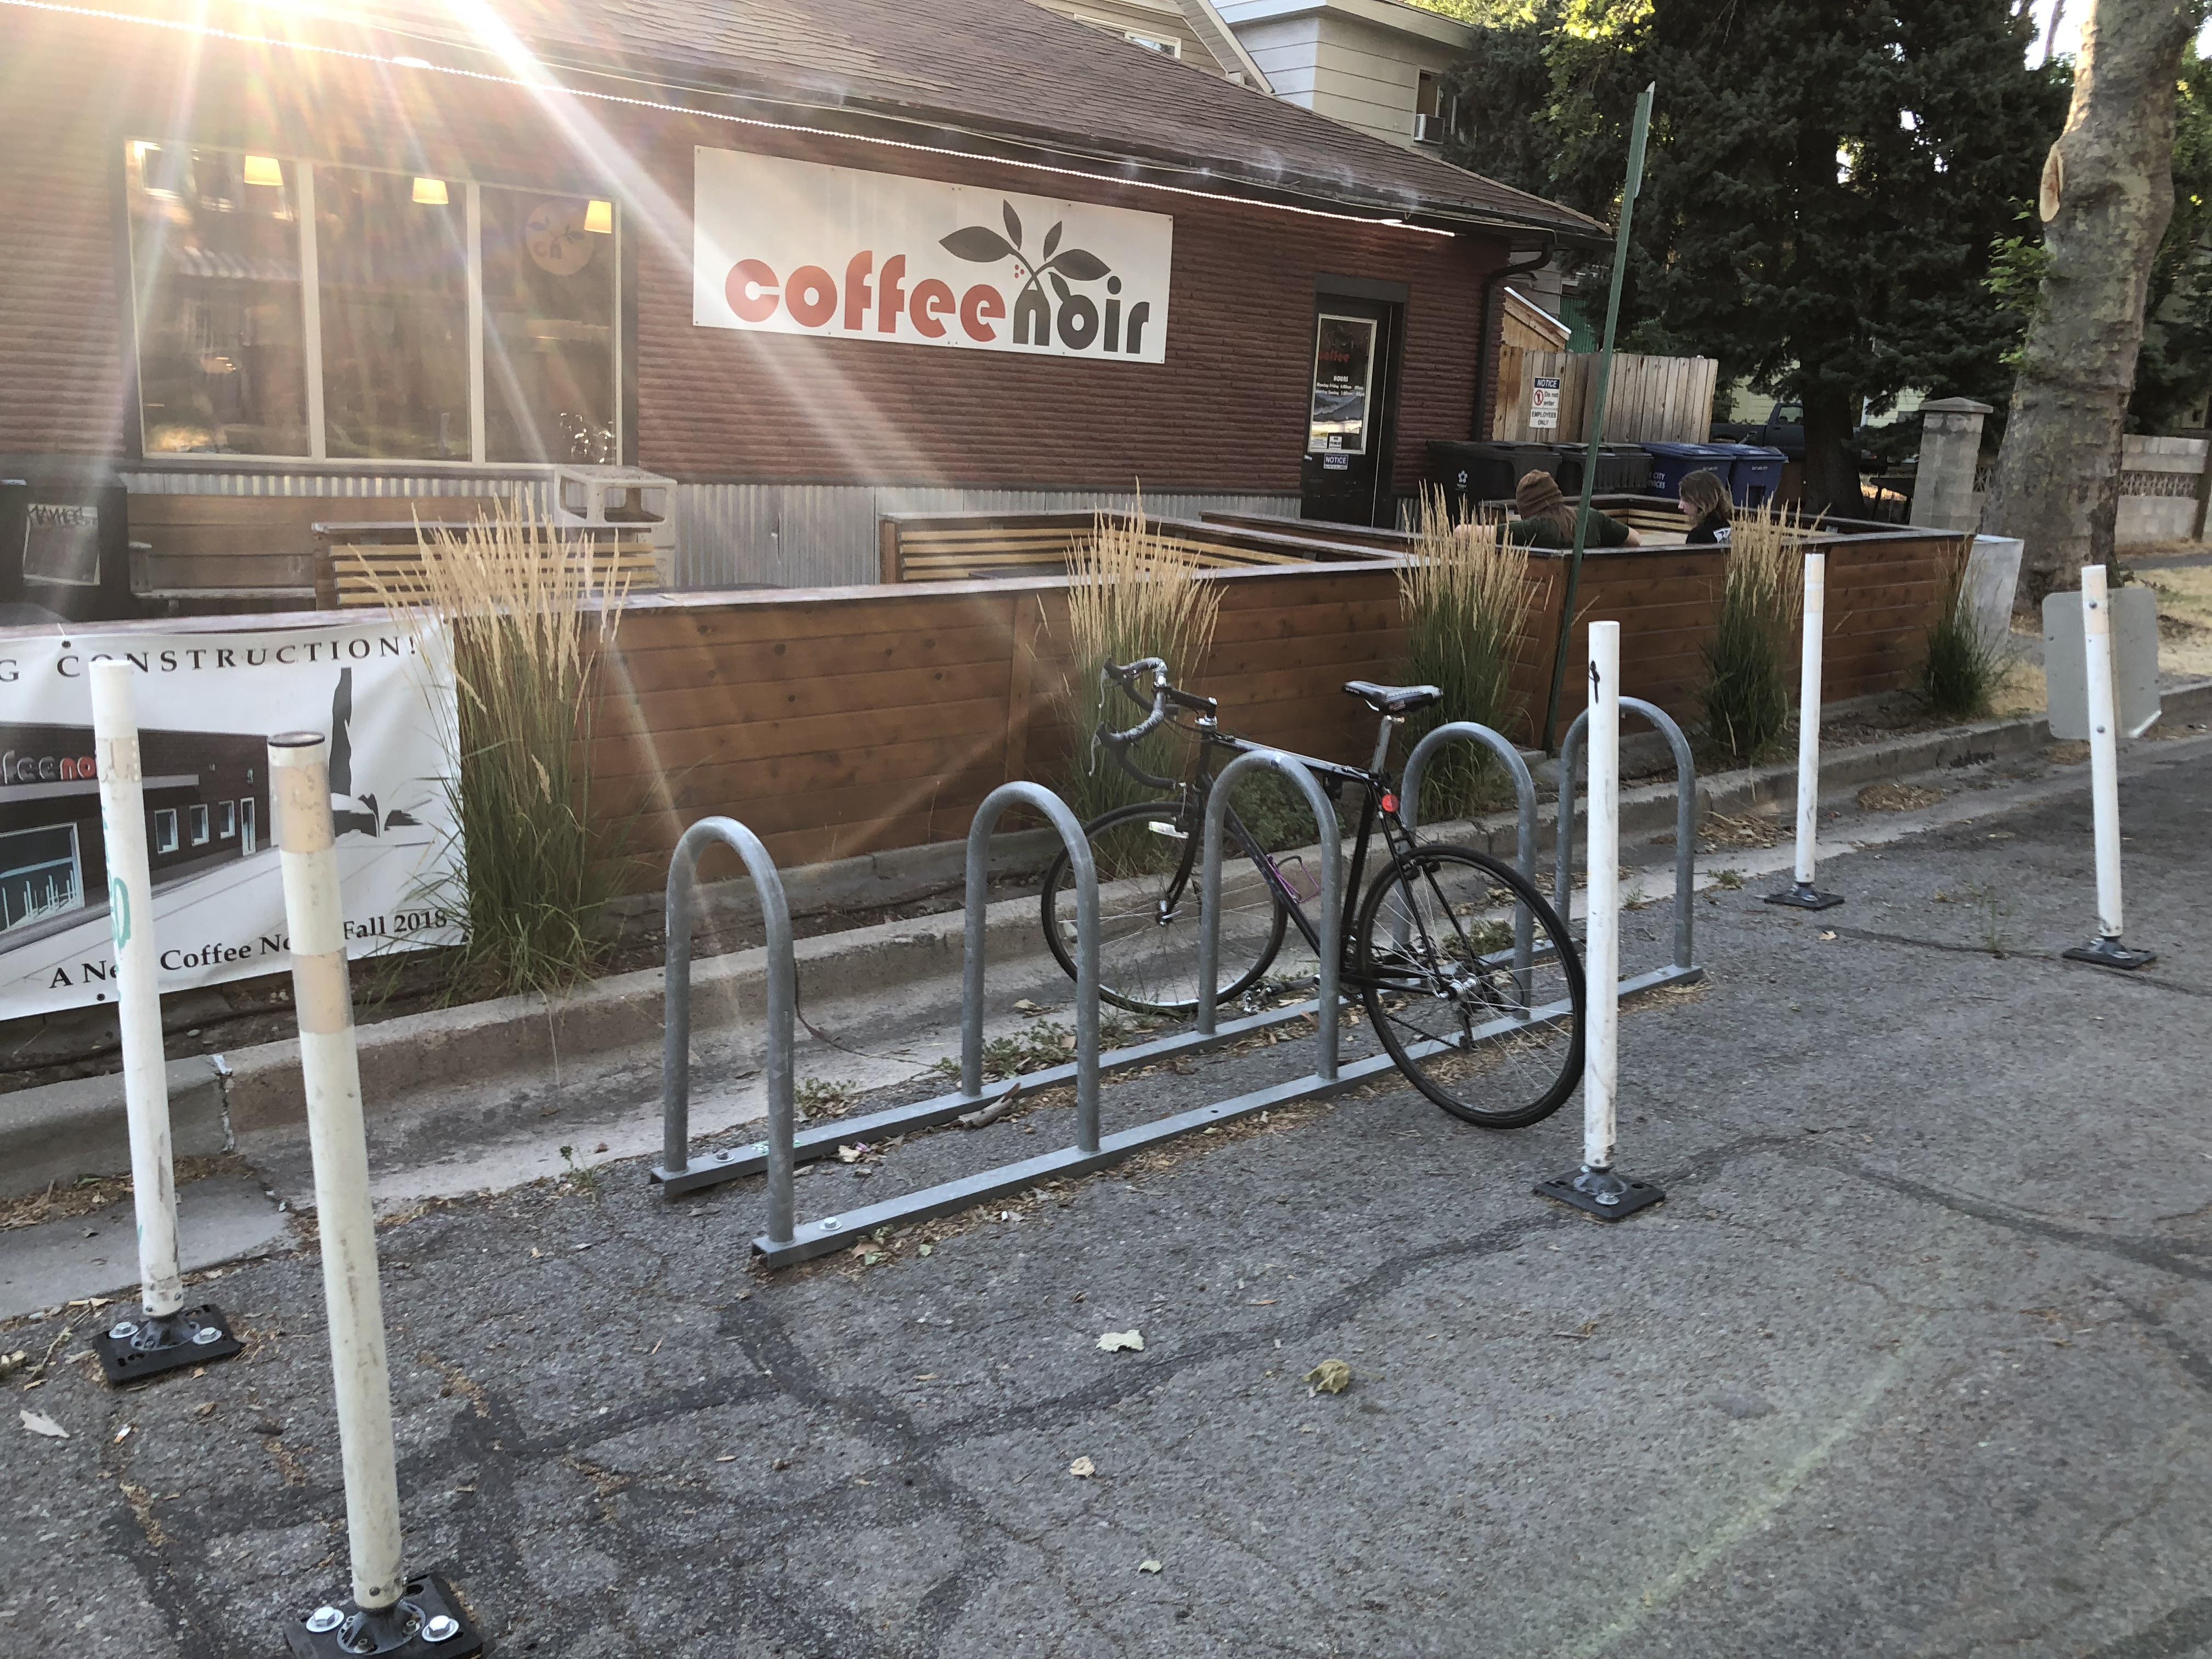 Cafe Noir Bike Corral Salt Lake City Utah IMG_3613